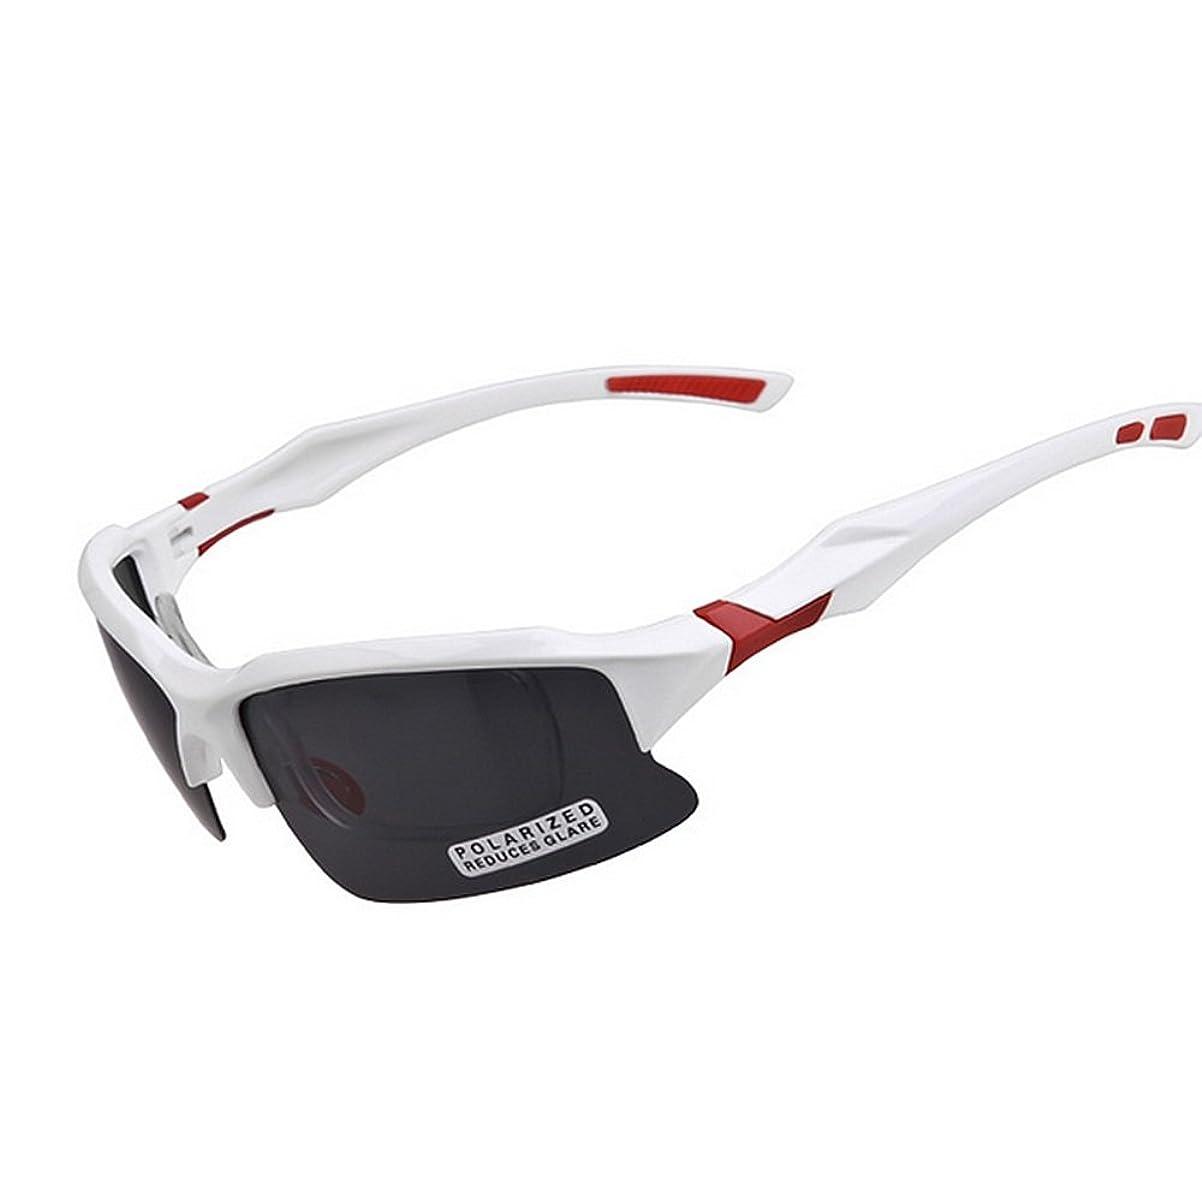 身元下位待ってスポーツサングラス メンズ偏光スポーツサングラスTACレンズ駆動白と赤の柔軟なTR90サイクリングランニング釣りゴルフ頑丈なフレーム ドライブ/野球/自転車/釣り/ランニング/ゴルフ/運転 男女兼用